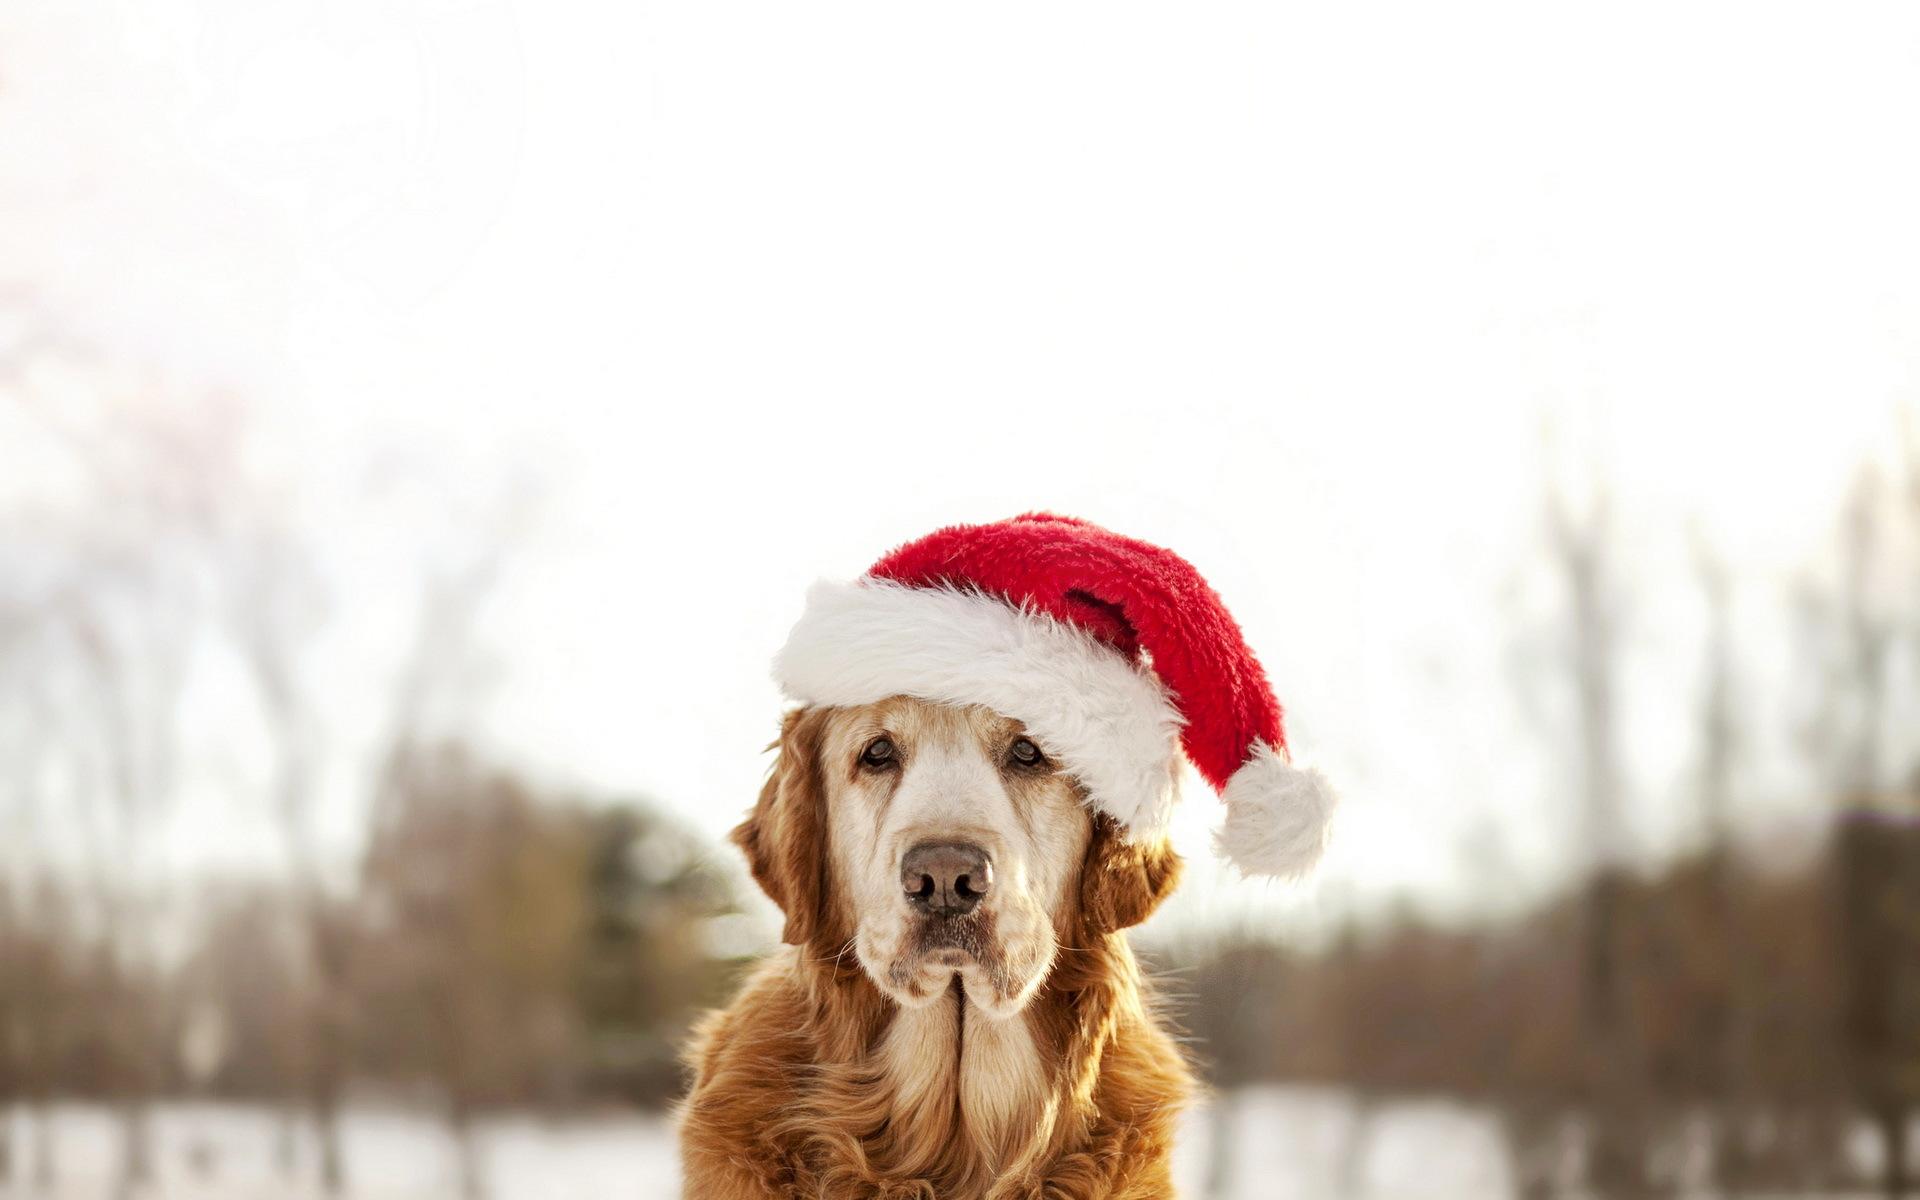 собачка в новогодней шапочке  № 1301926 бесплатно